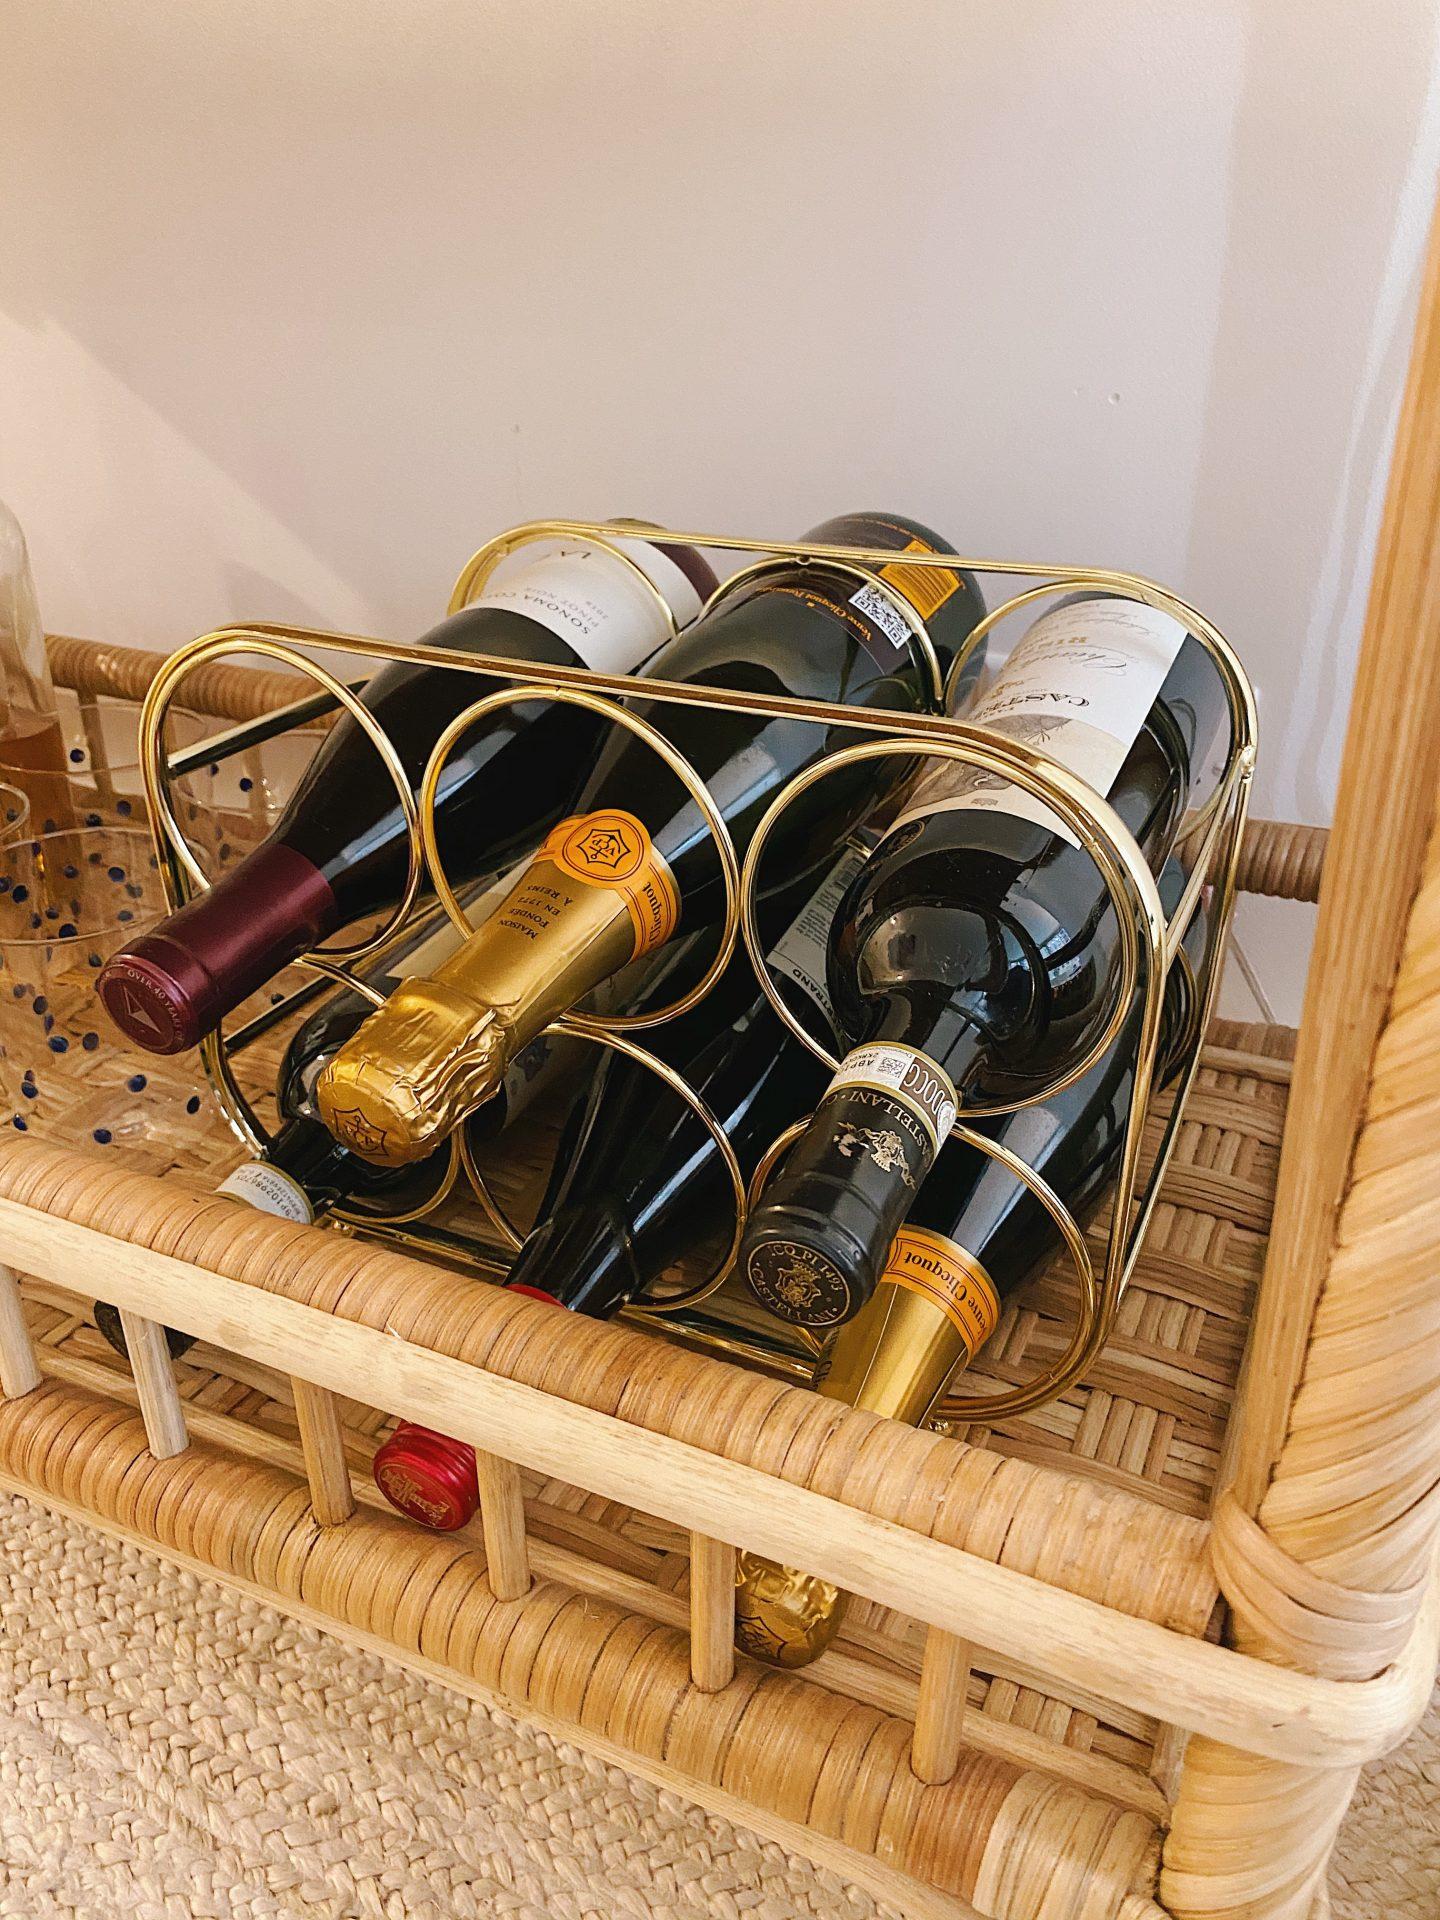 Amazon Prime Home Décor Finds Wine Rack